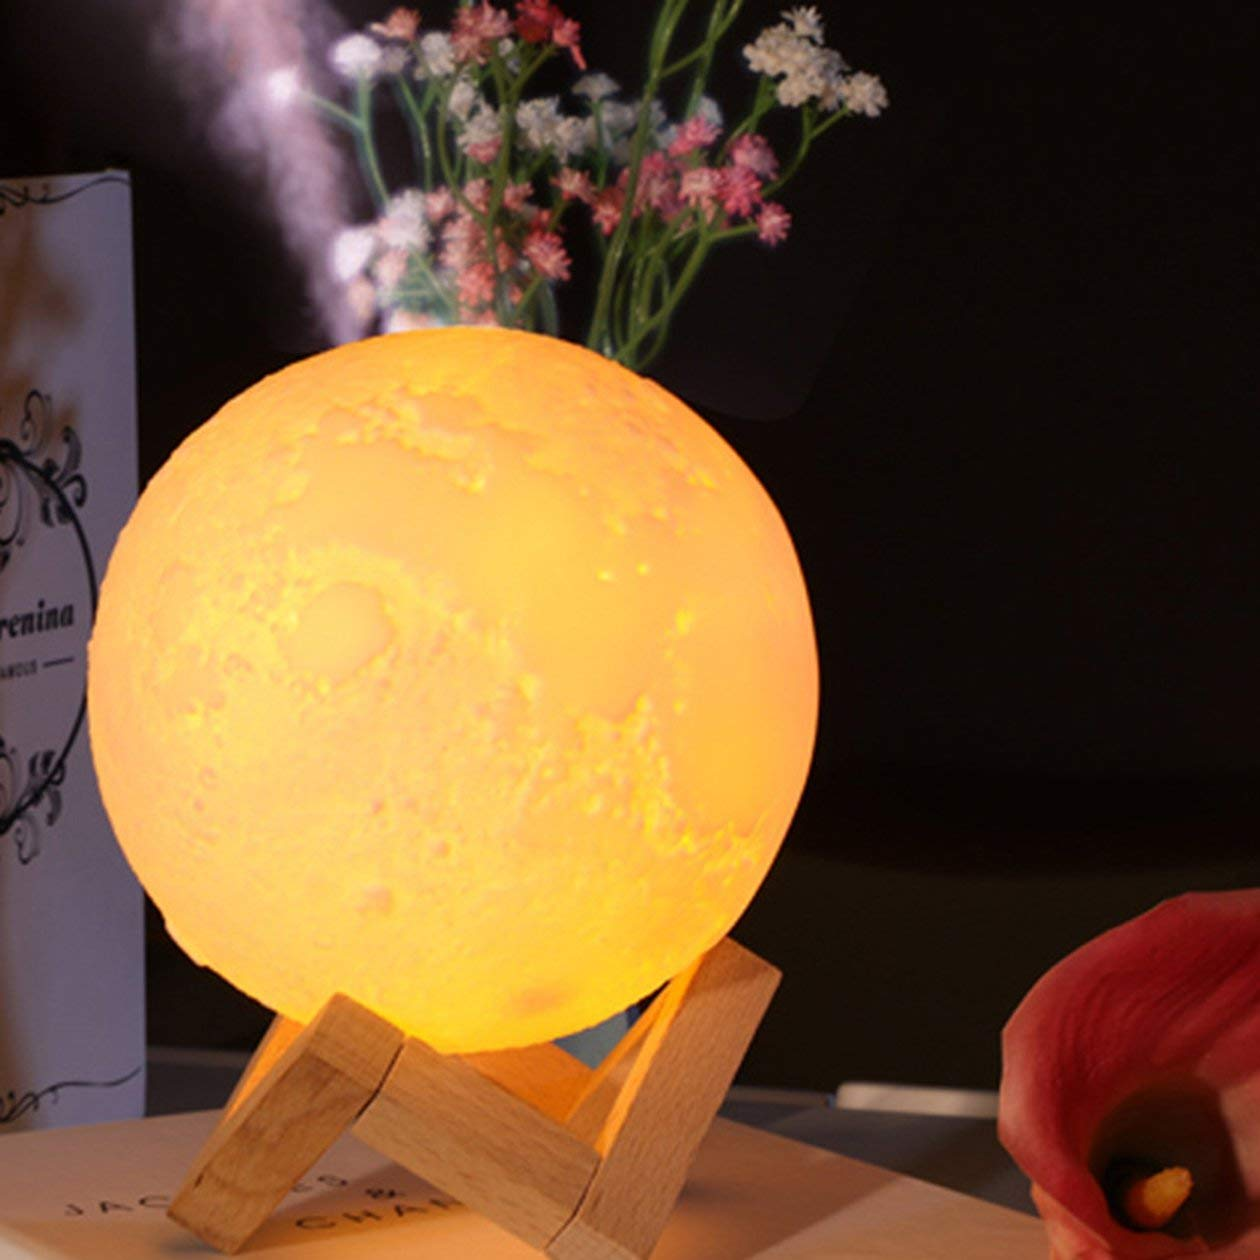 Leonie Stewart Humidificador Creativo de Interior de Gran Capacidad para Interiores Humidificador Creativo Nuevo y ex/ótico Humidificador de luz de Luna Amarillo